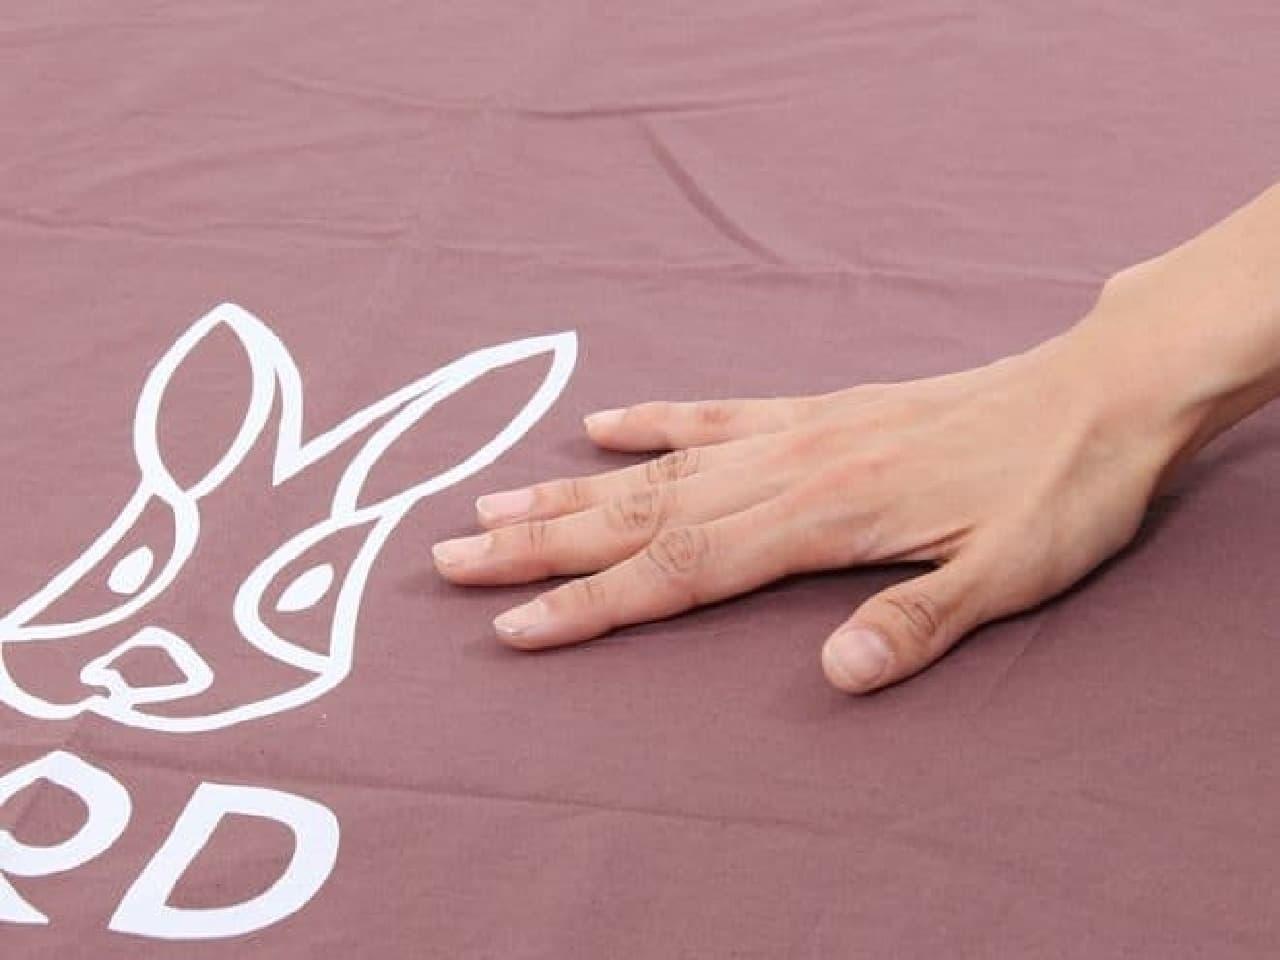 綿100%のシーツで肌触りさらさら